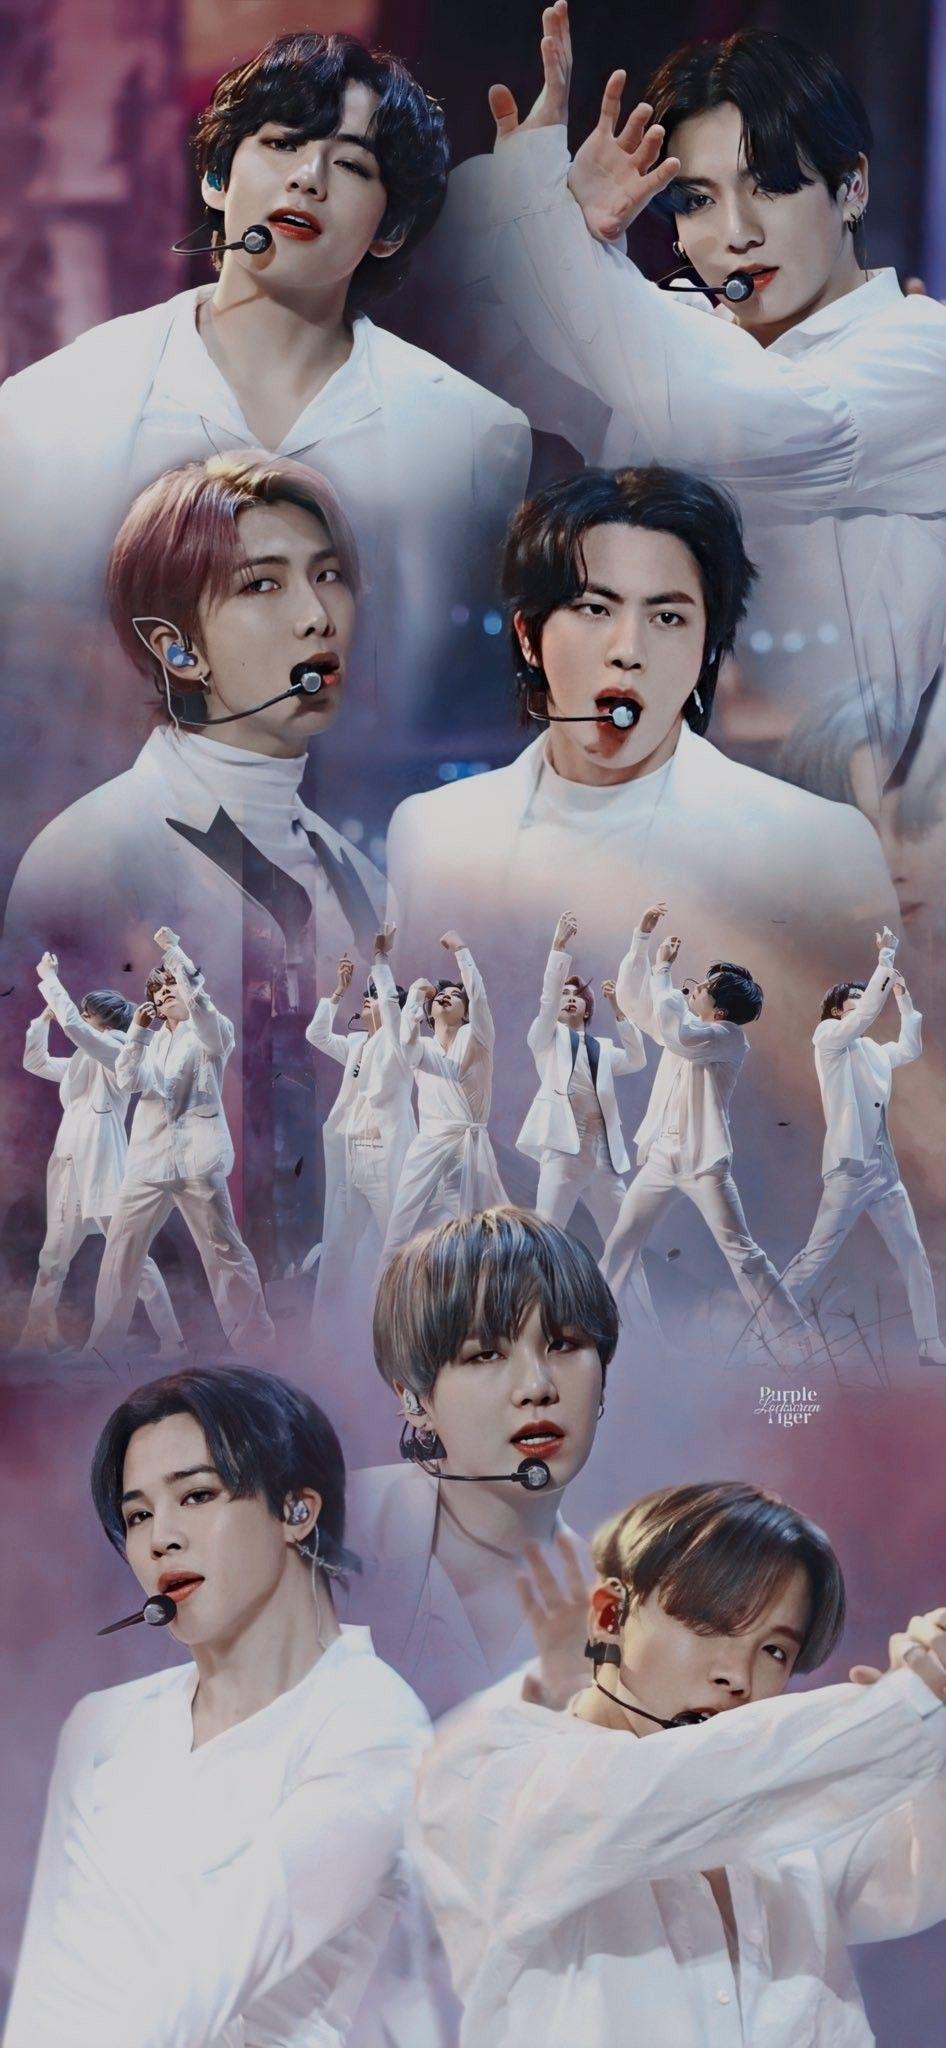 TAEHYUNG BTS // magazine Jelly Suami, Gambar, dan Lagu